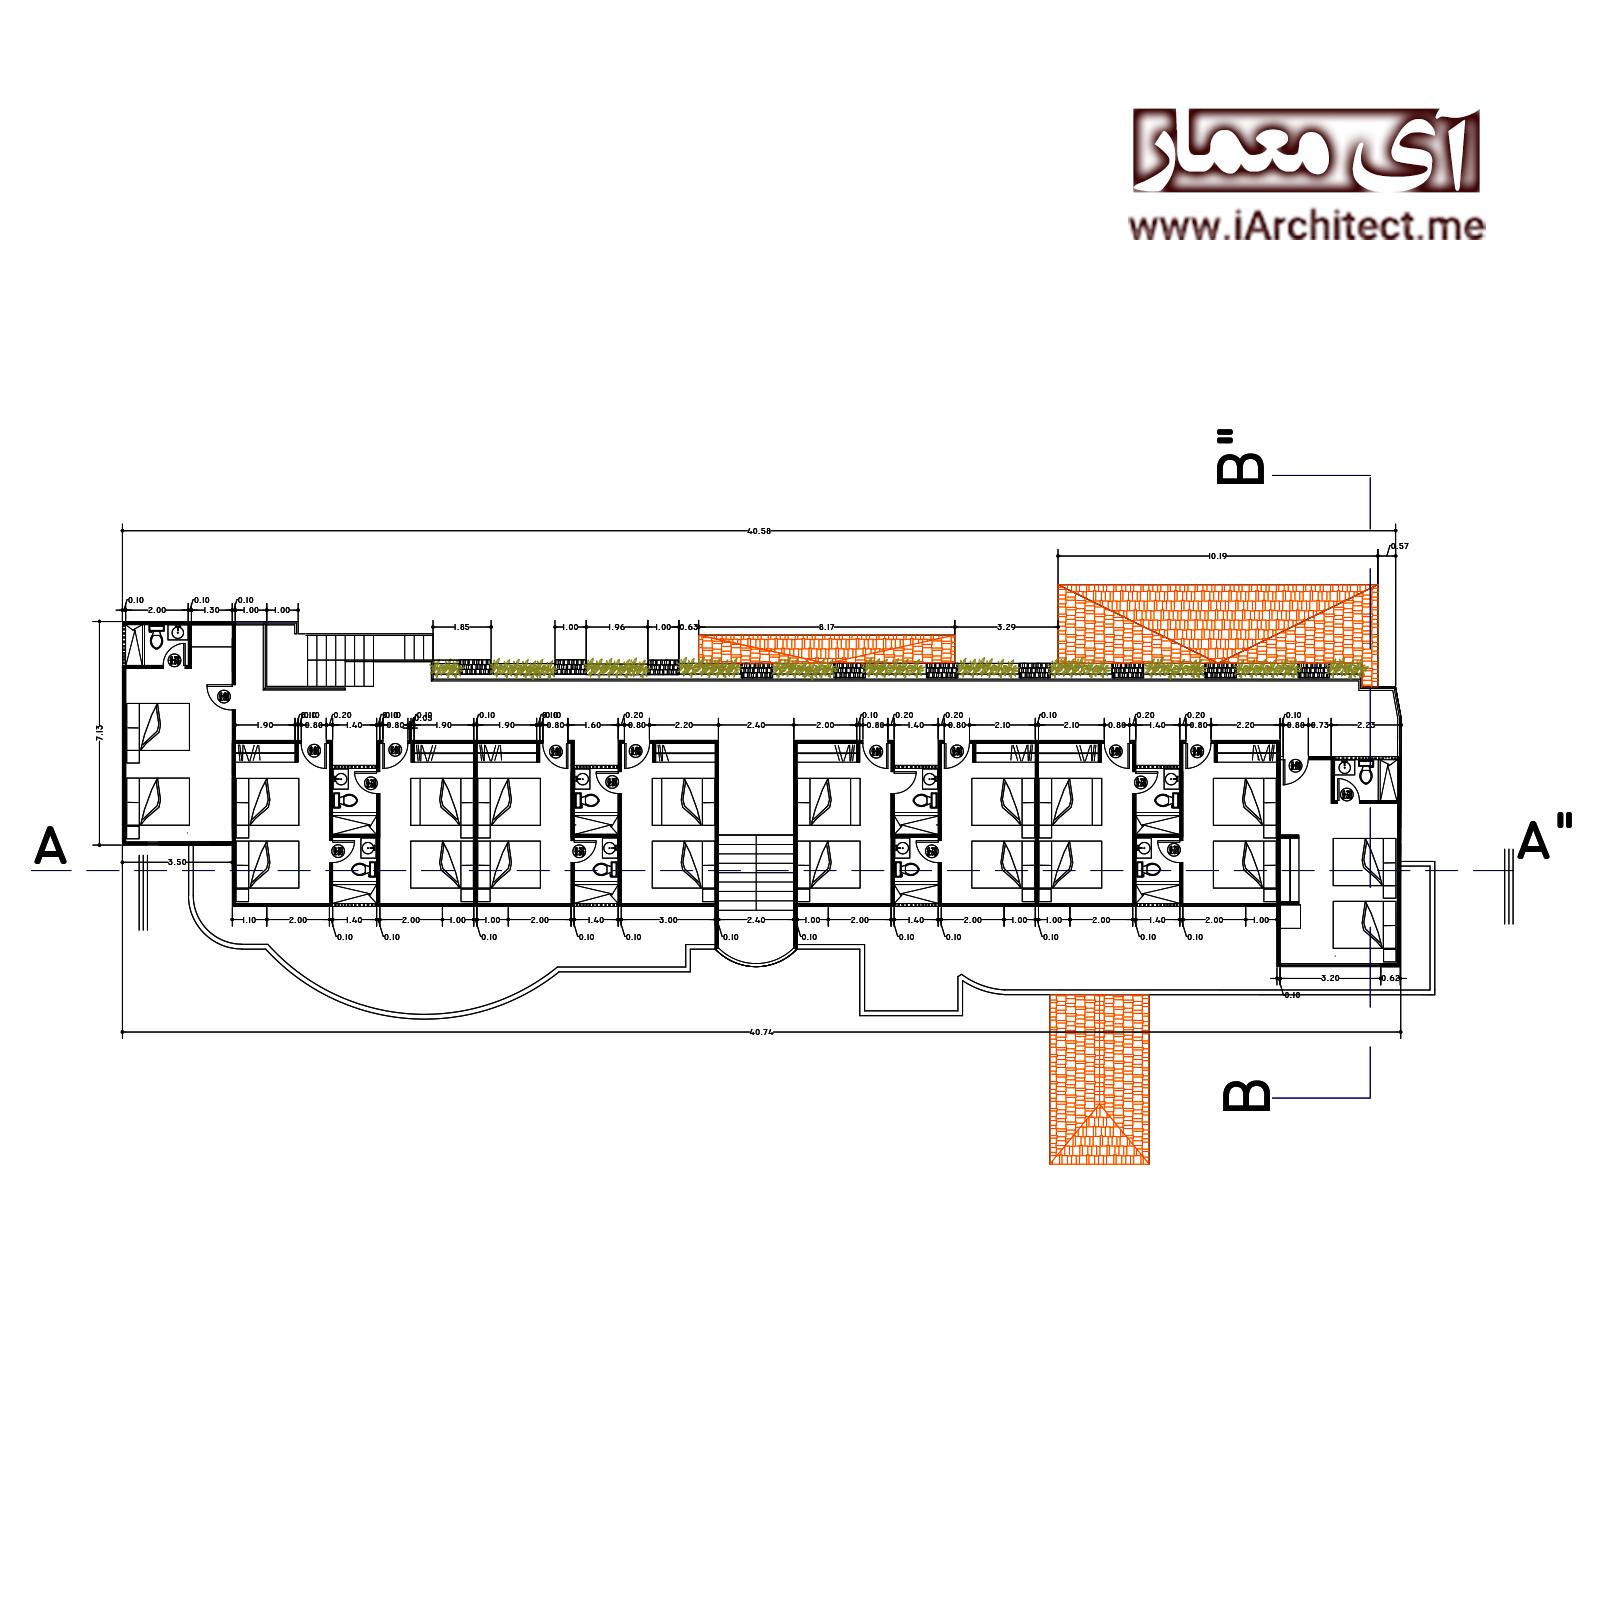 نقشه معماری کامل هتل 4 طبقه